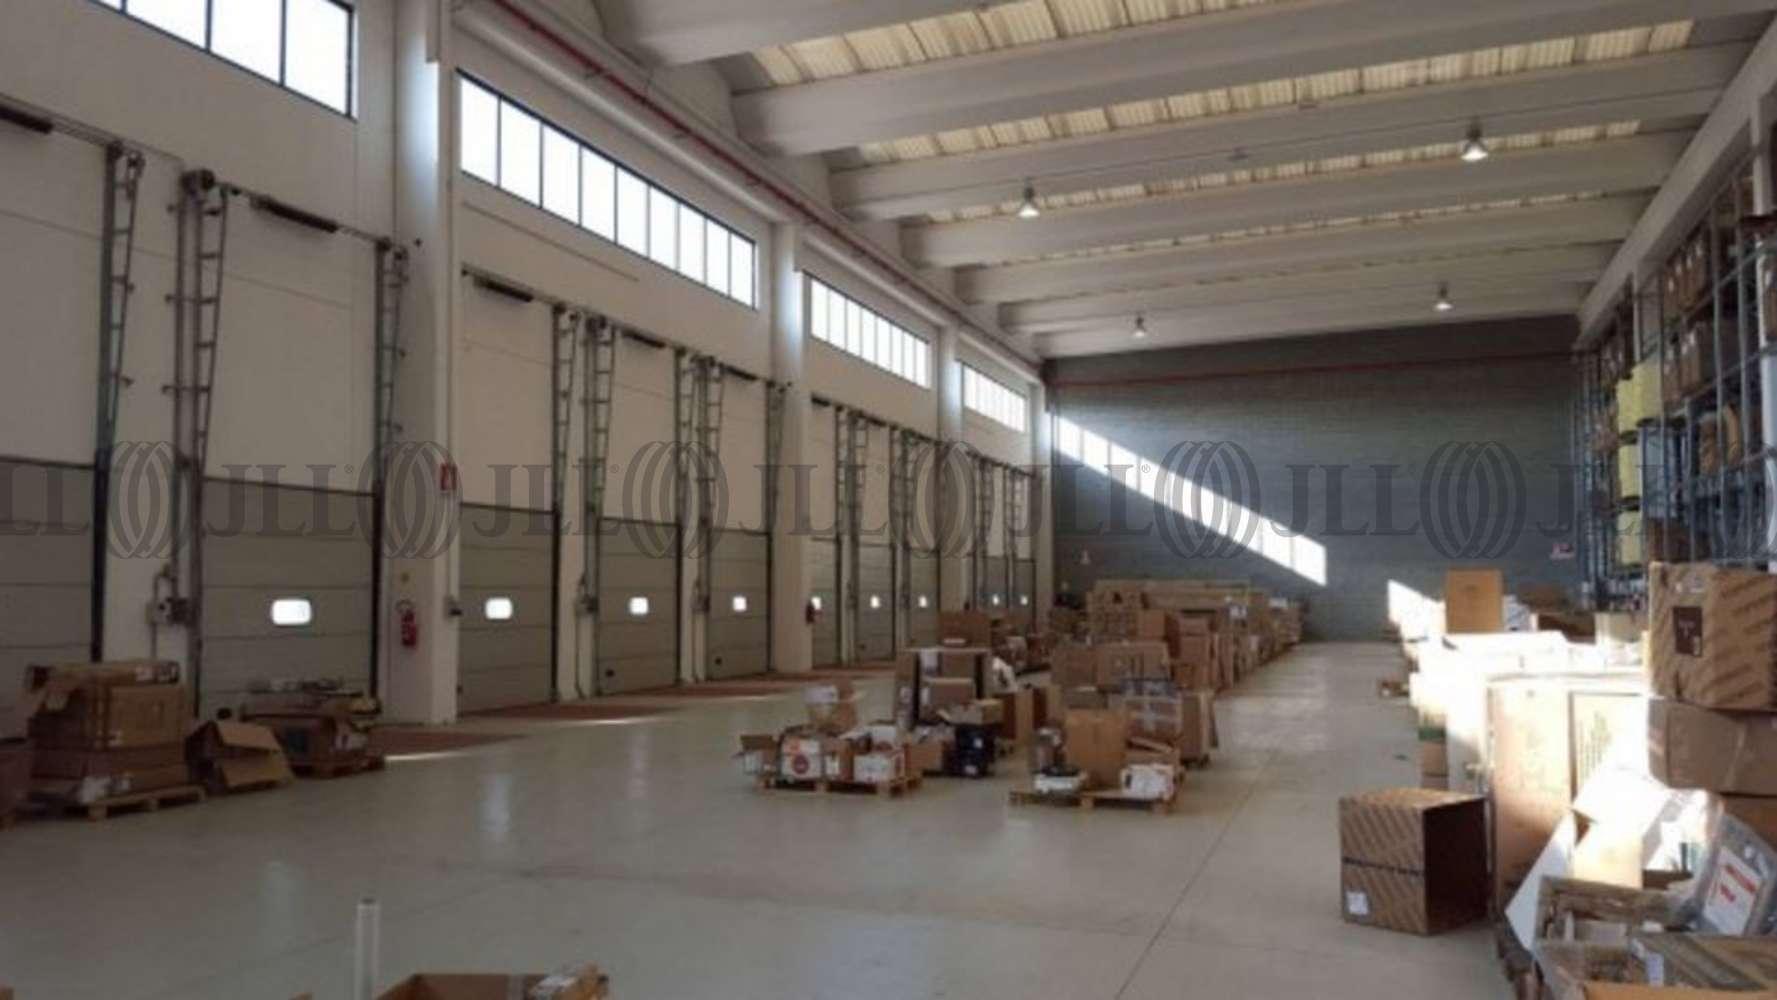 Magazzini industriali e logistici Lonate pozzolo, 21015 - Lonate Pozzolo Warehouse